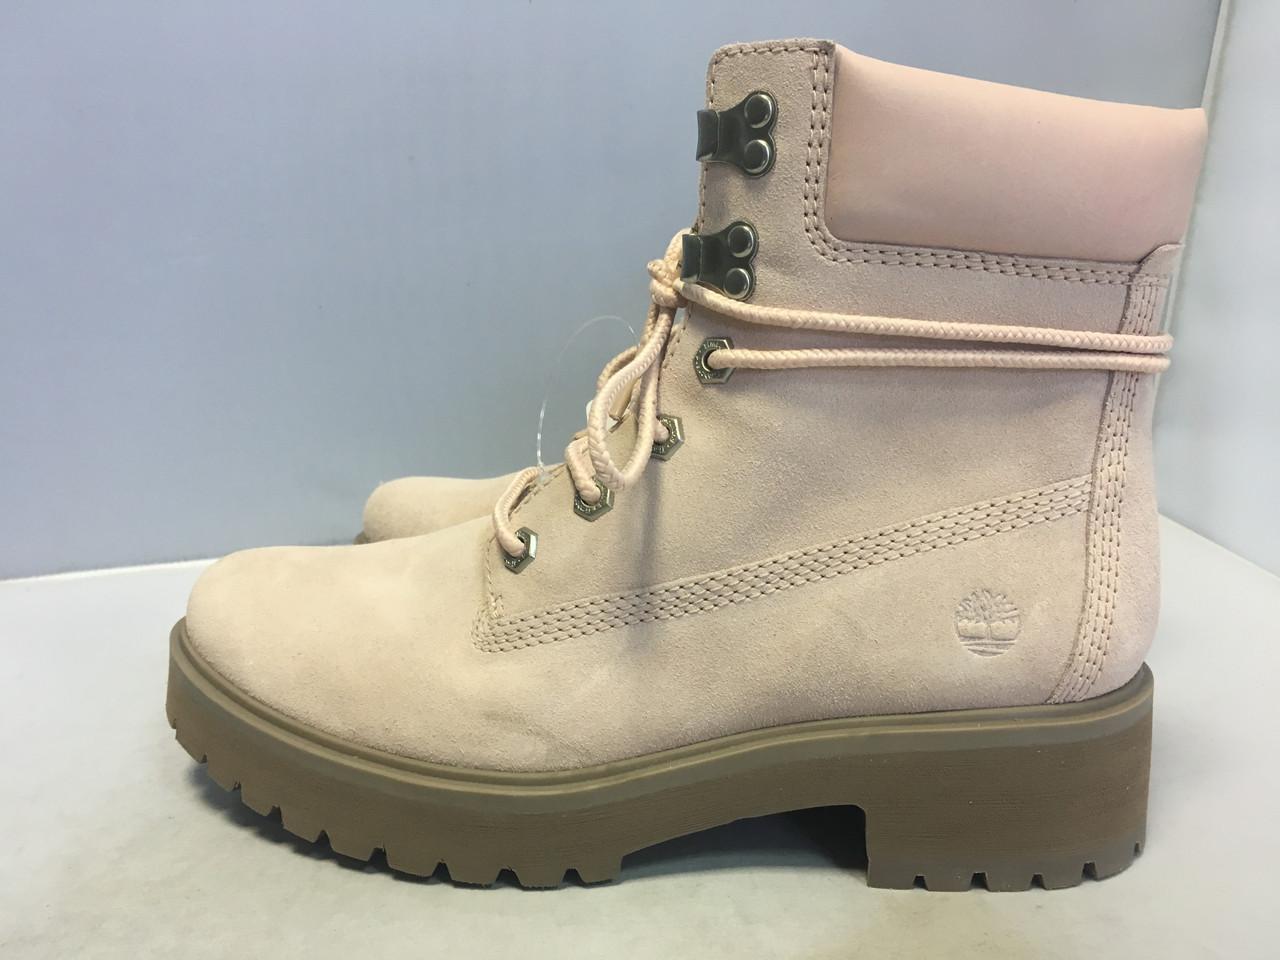 Женские ботинки Timberland, 38,5 размер